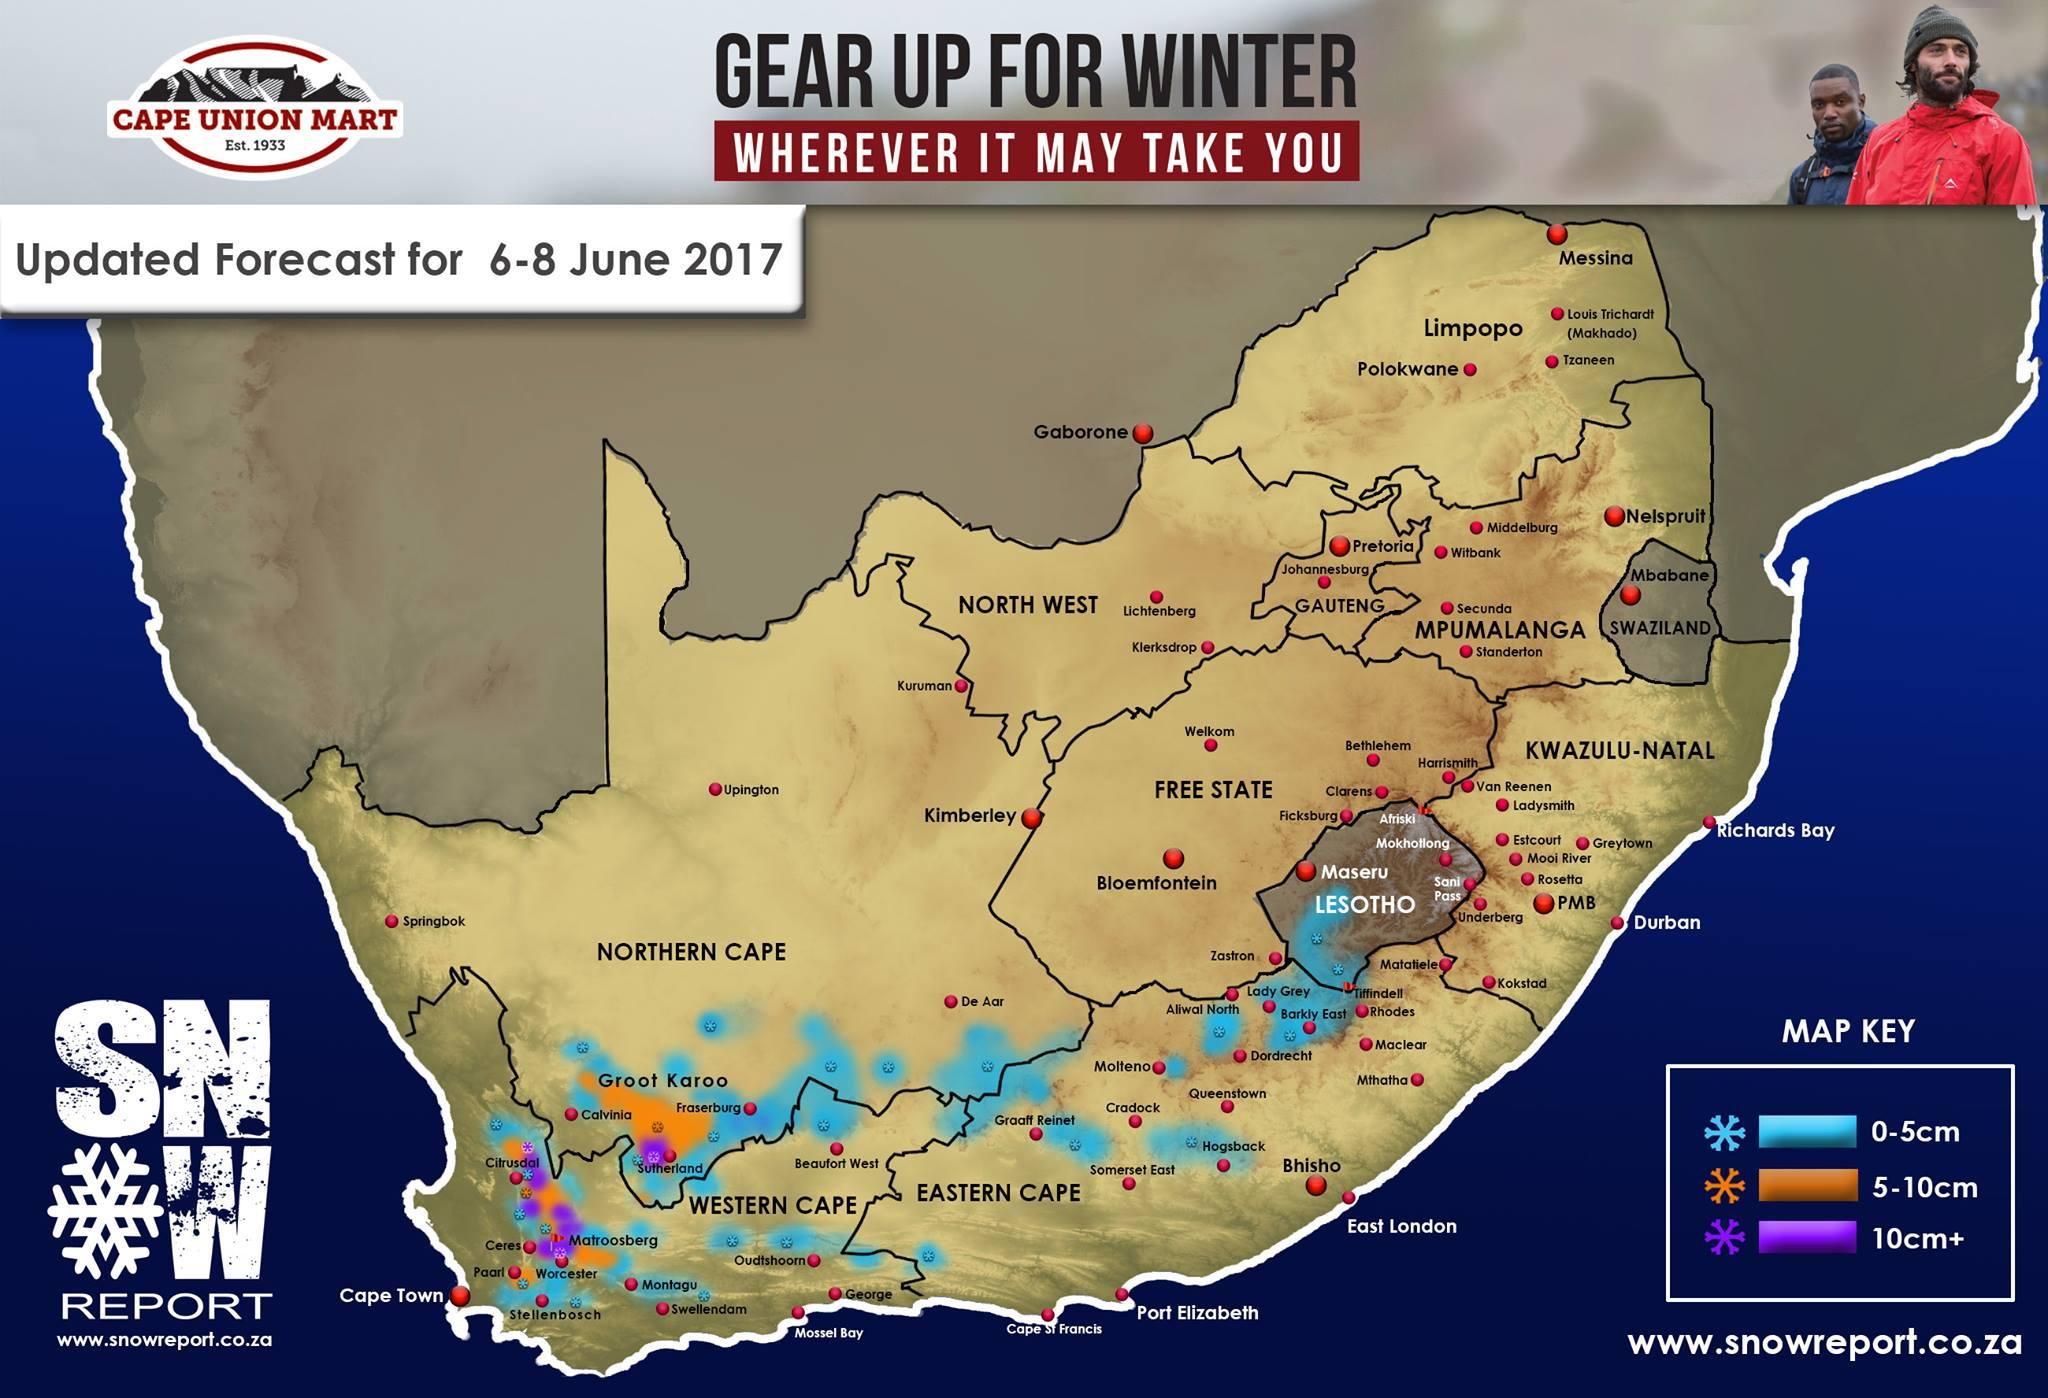 Rukwinde van 70 km/h vir Klein Karoo voorspel